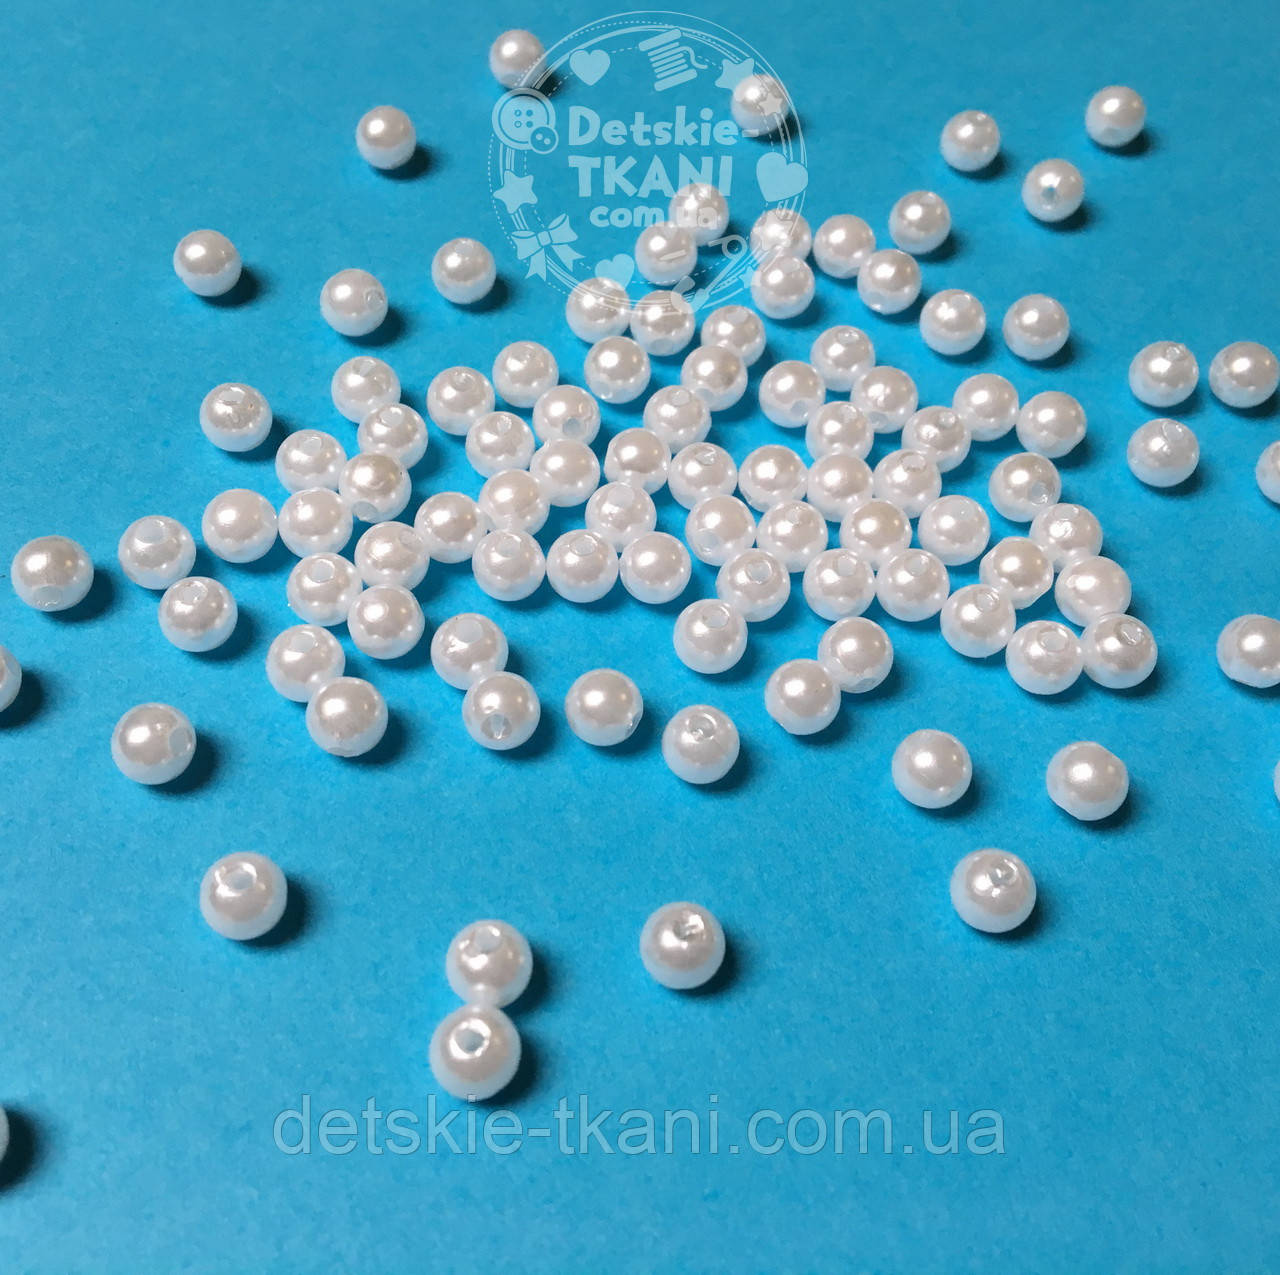 Бусины жемчужные малые белого цвета, 100 шт, размер 5 мм